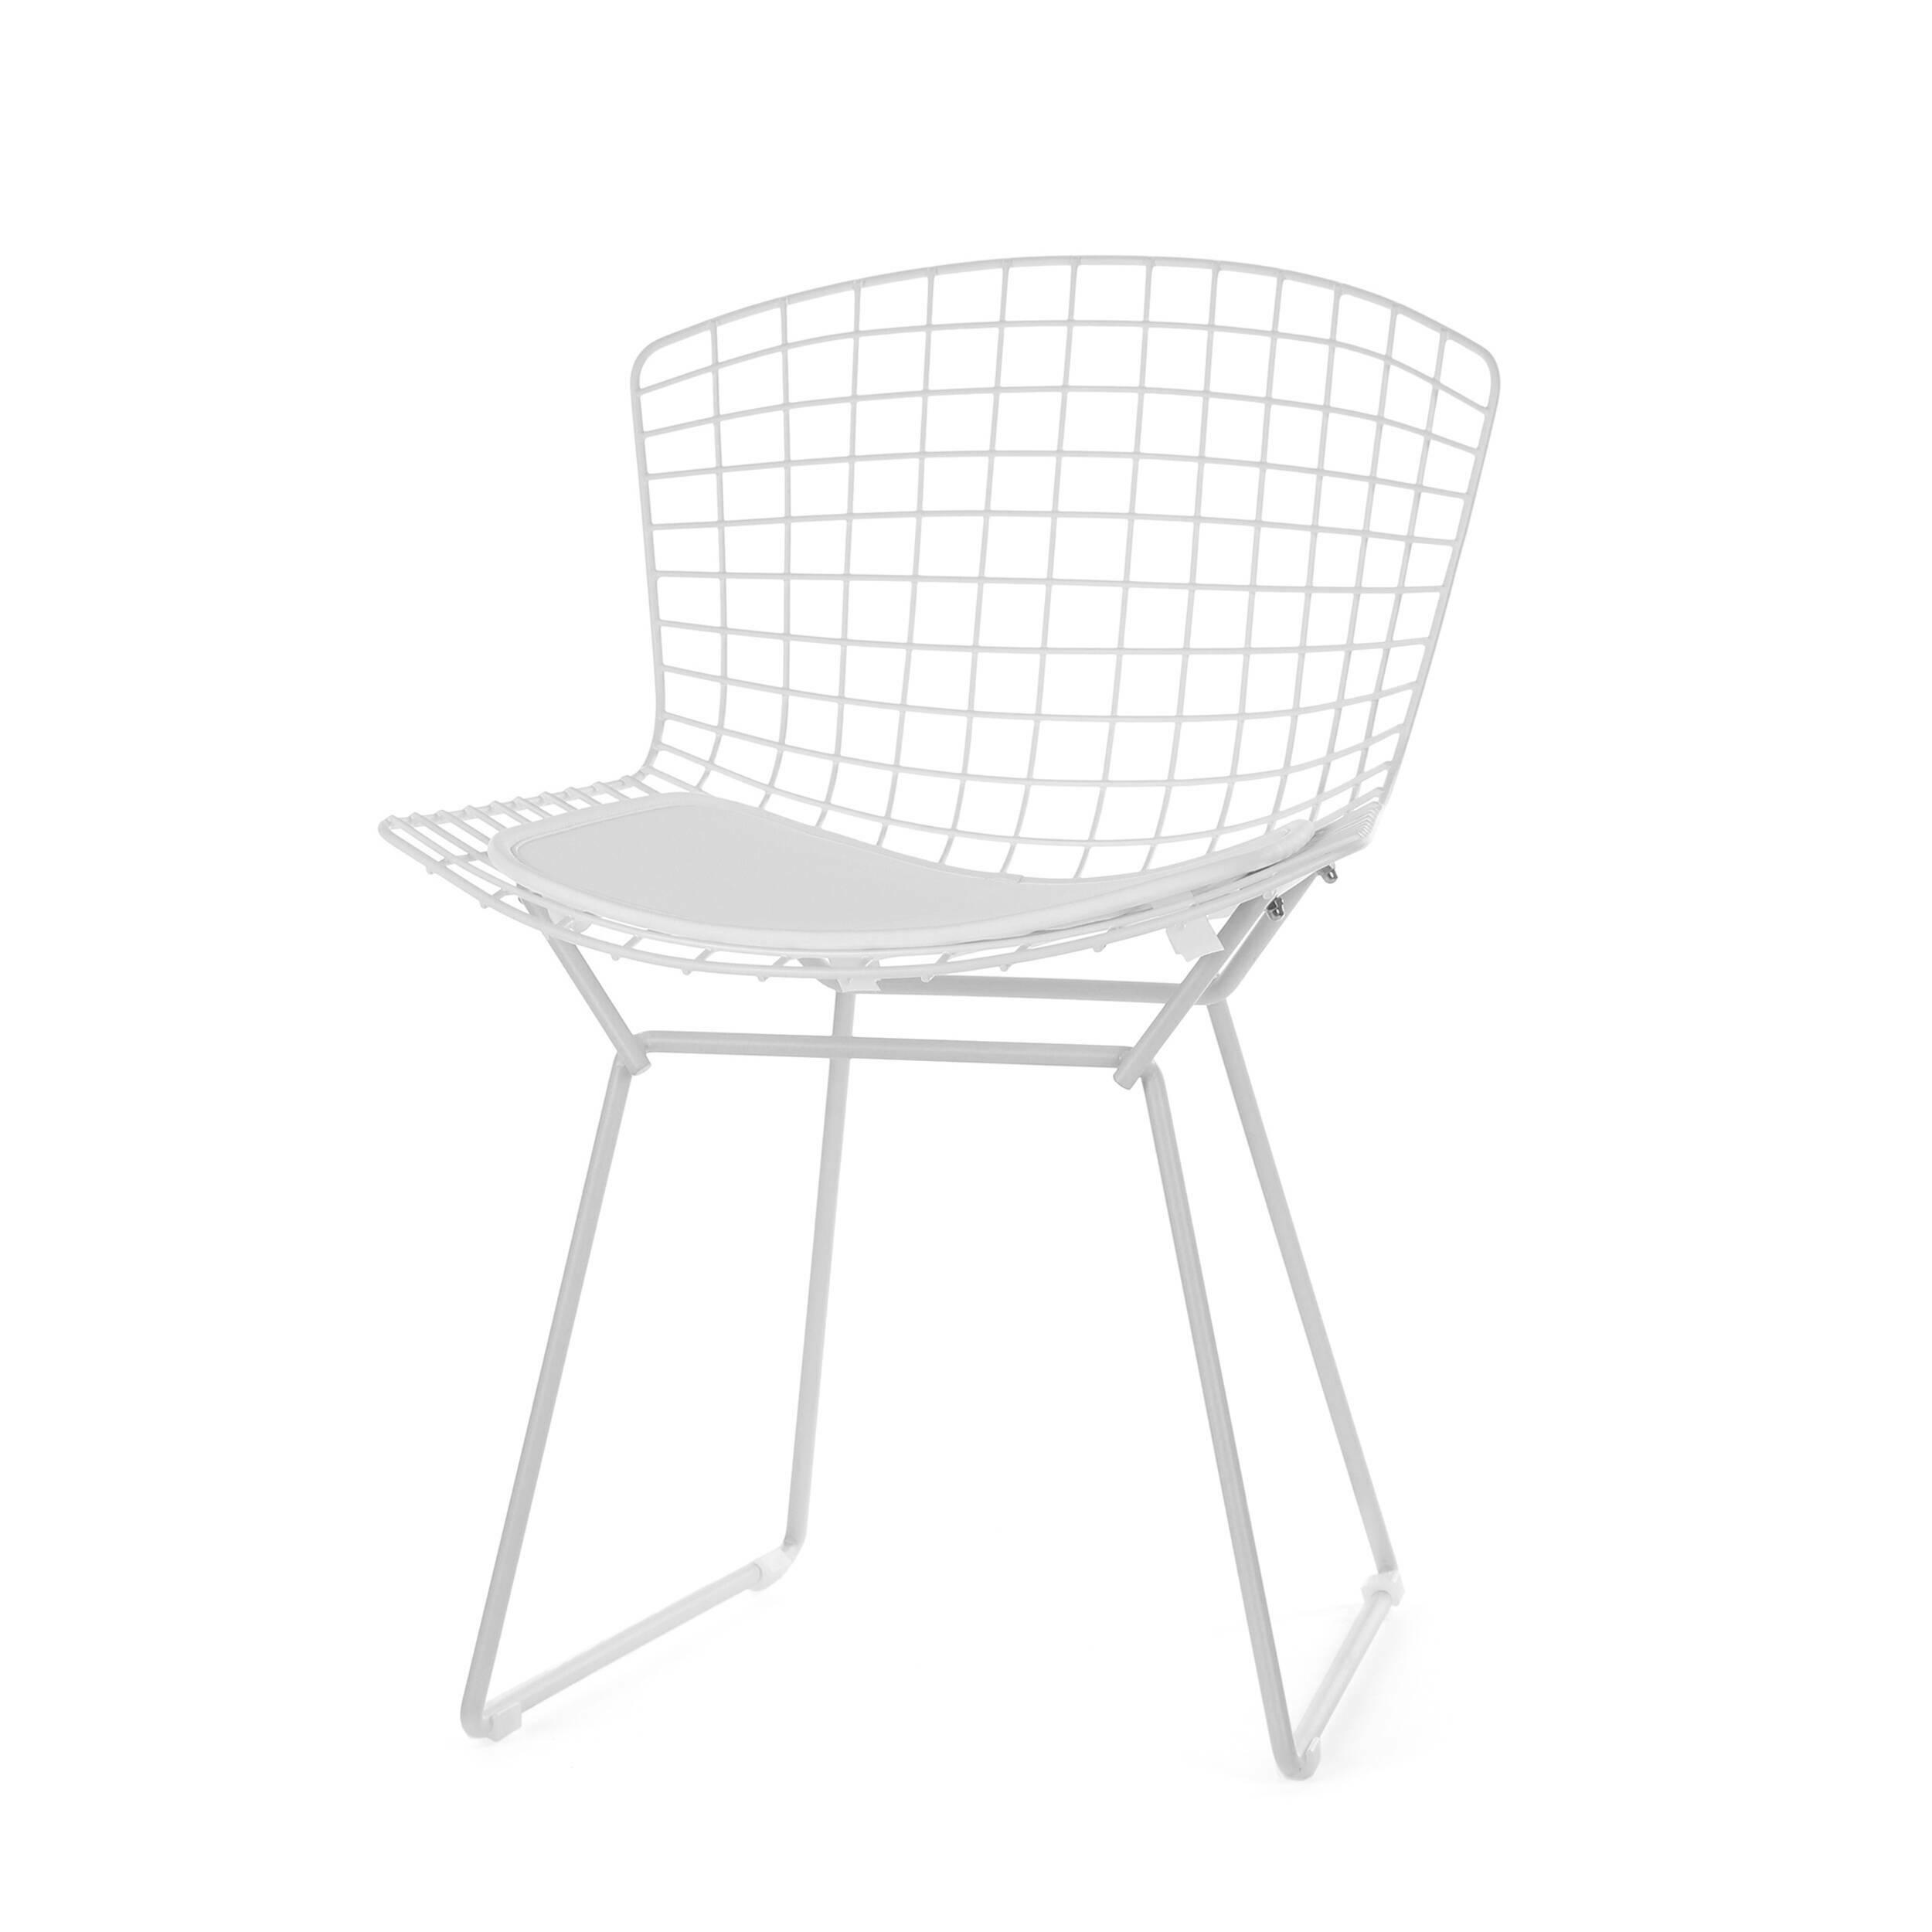 Стул Bertoia Side кожаный StandartИнтерьерные<br>Дизайнерский стул Bertoia Side Standart (Бертола Сайд Стандар) из тонких стальных прутьев с сиденьем из кожи от Cosmo (Космо).<br>Стул Bertoia Side кожаный Standart разработан в 1952 году дизайнером Гарри Бертойей и был частью его коллекции. Это икона современного дизайна середины прошлого века. Обладая сильной эстетической привлекательностью, его стул широко использовался другими дизайнерами, такими как Ээро Сааринен в Массачусетском технологическом институте и в здании Международного аэропорт...<br><br>stock: 0<br>Высота: 74<br>Высота сиденья: 44<br>Ширина: 52,5<br>Глубина: 58<br>Тип материала каркаса: Сталь нержавеющя<br>Цвет сидения: Белый<br>Тип материала сидения: Полиуретан<br>Коллекция ткани: Premium Grade PU<br>Цвет каркаса: Белый